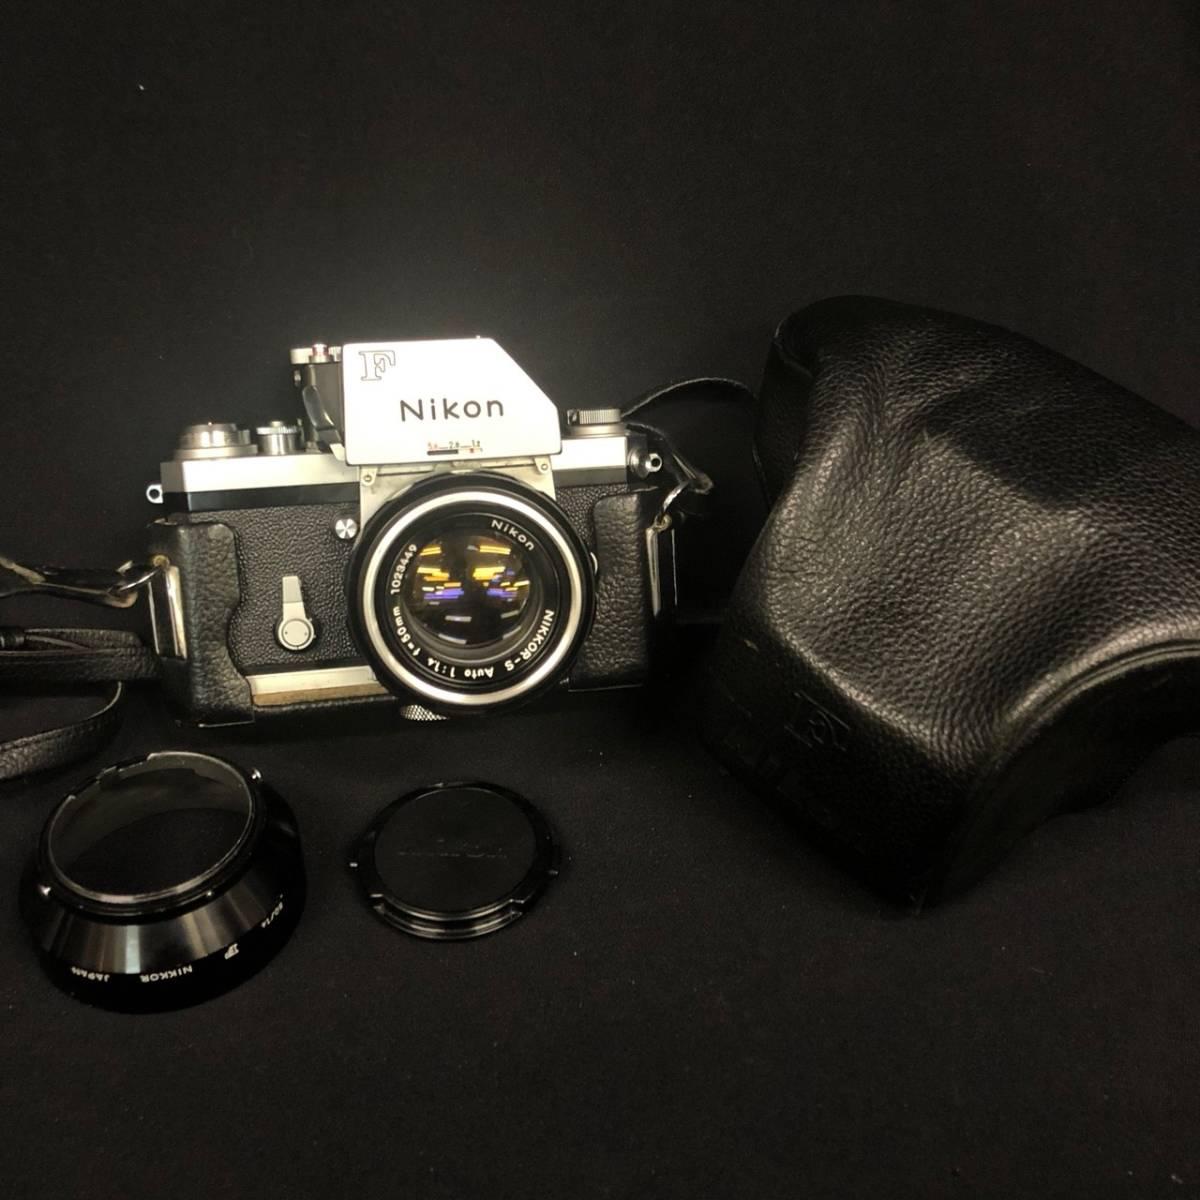 C20A01A Nikon F ニコン 一眼レフ カメラ レンズ 1:1.4 50mm ファインダー フォトミックファインダー